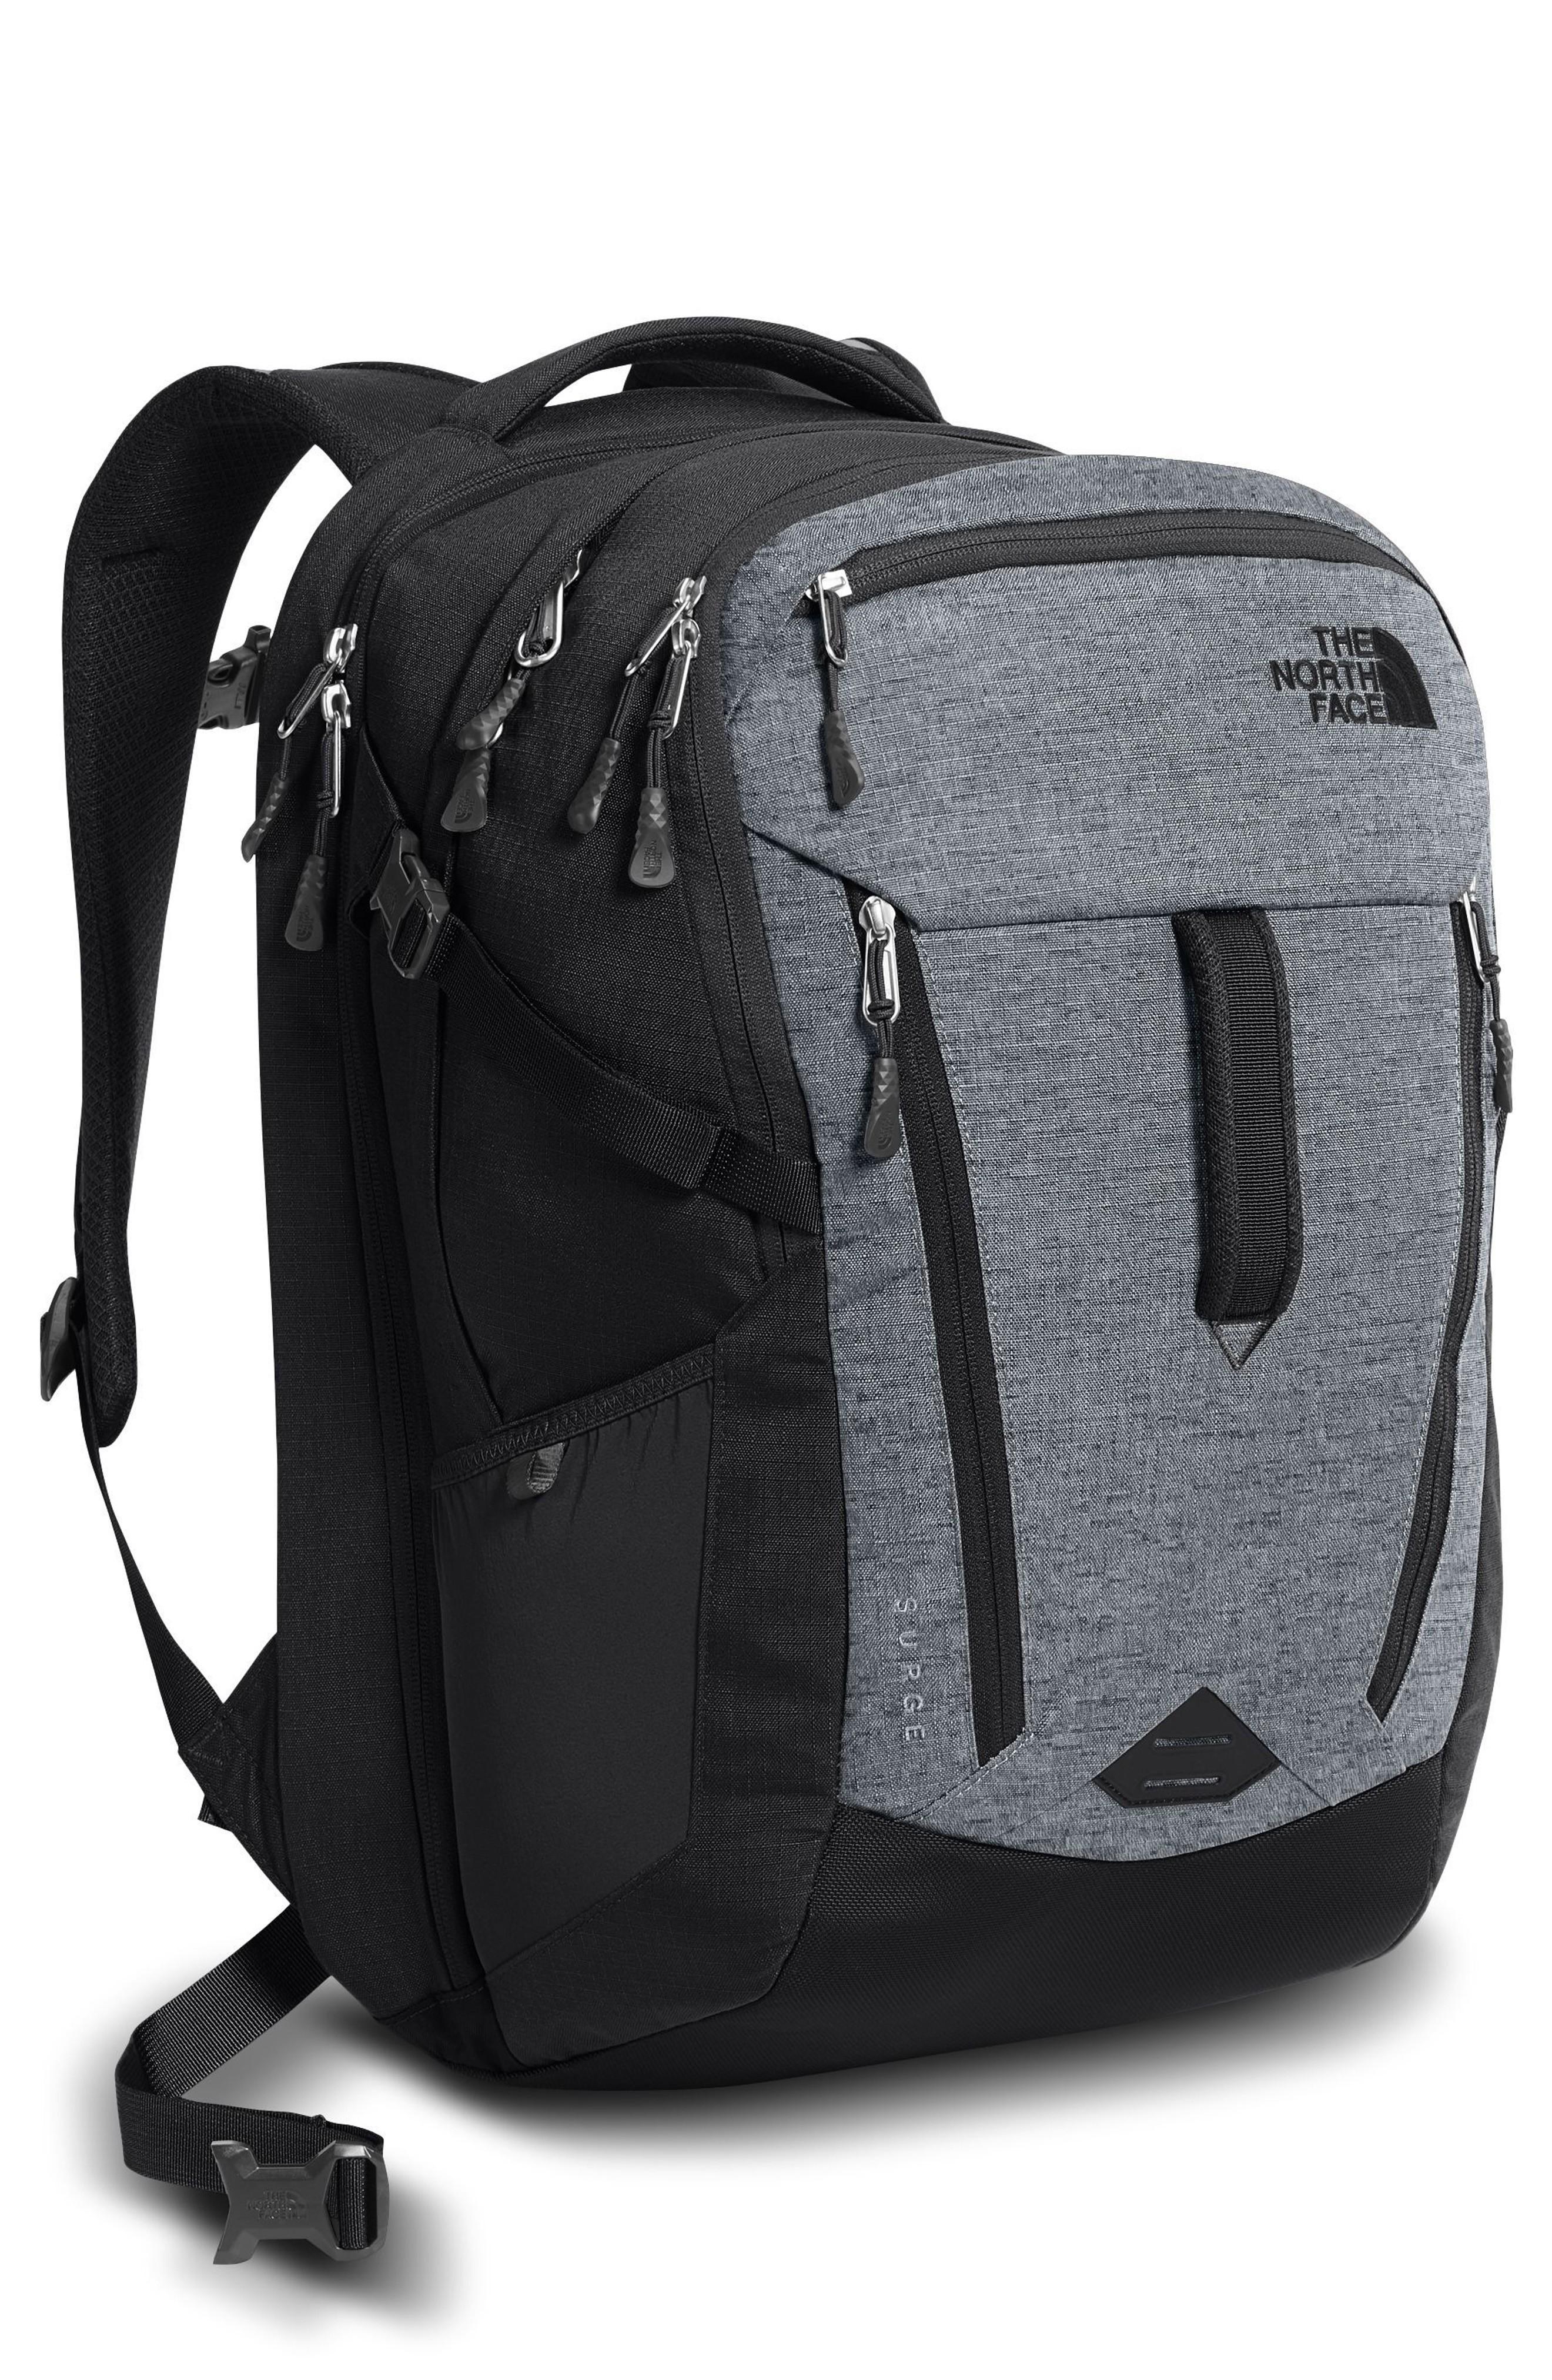 The North Face 'surge' Backpack - Grey In Mid Grey/ Asphalt Grey Melange